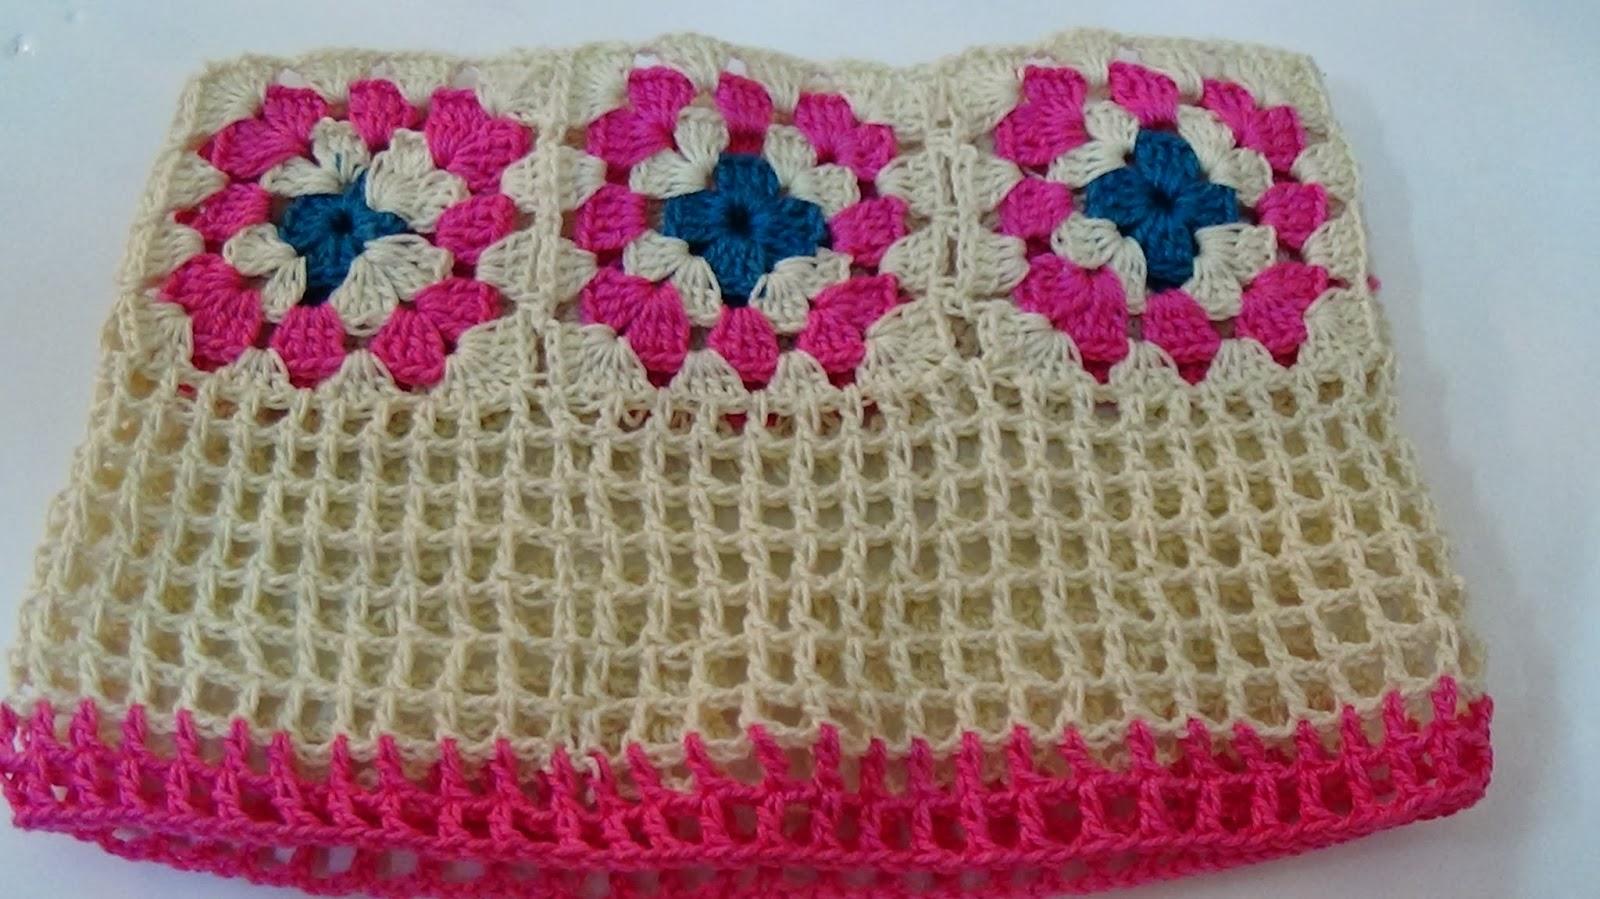 The Crochet World: CROCHET GRANNY SQUARE SKIRT